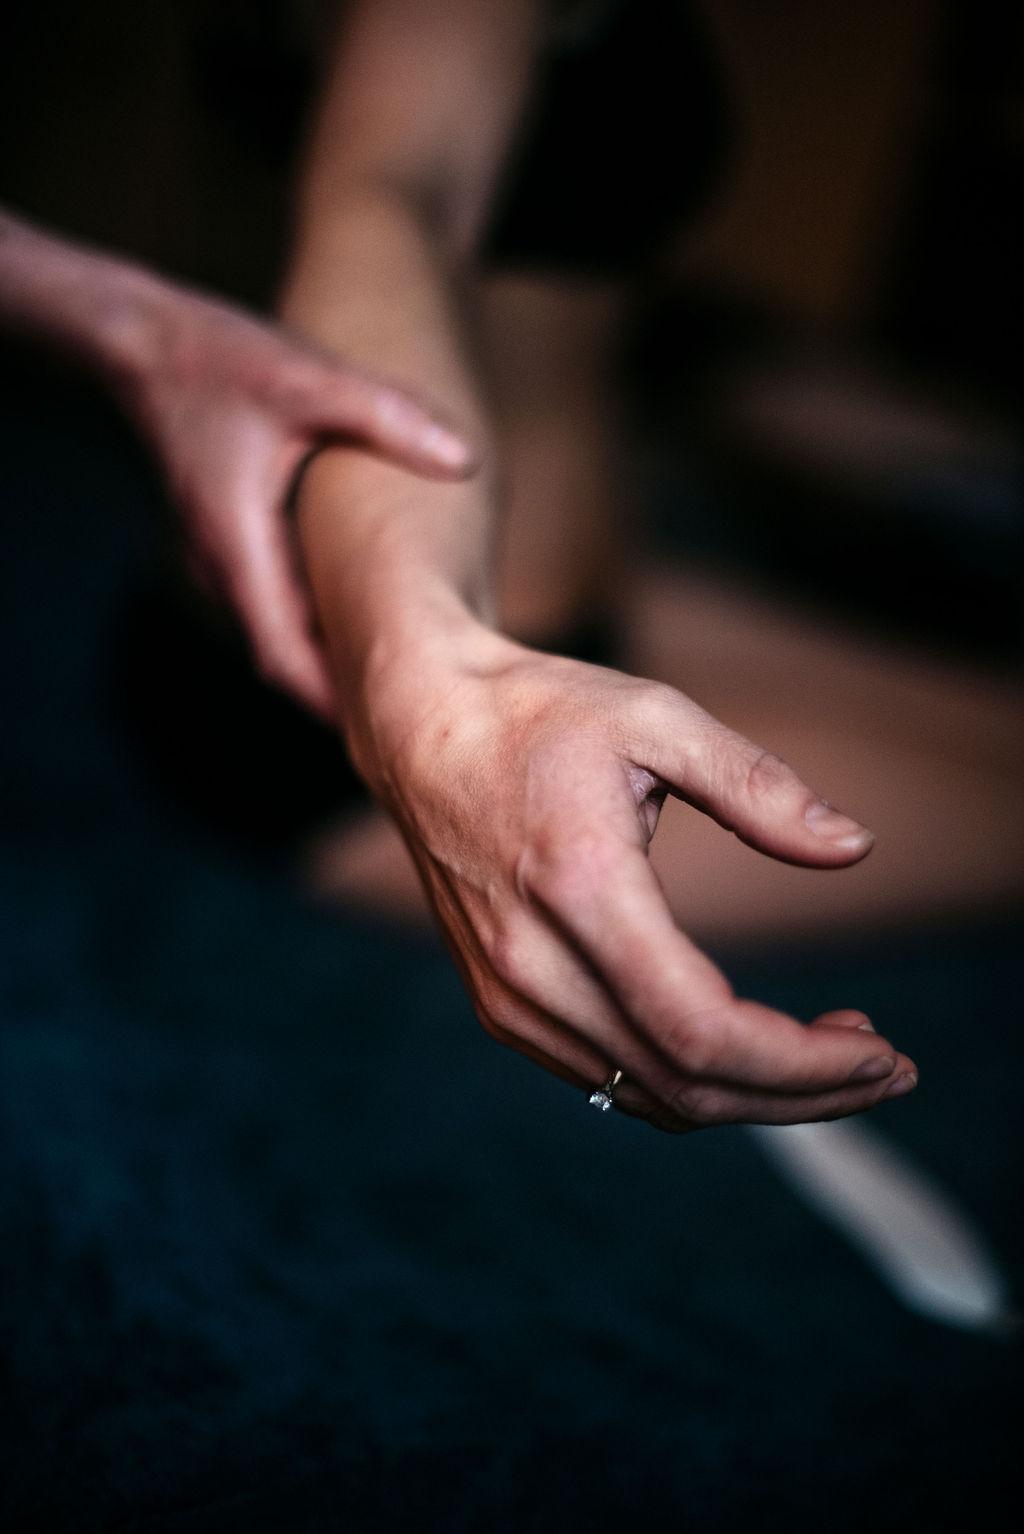 veerkracht haptonomie - haptotherapie breda - haptonoom - hand - aanraken - breda - psychomotorisch - therapie - haptotherapie